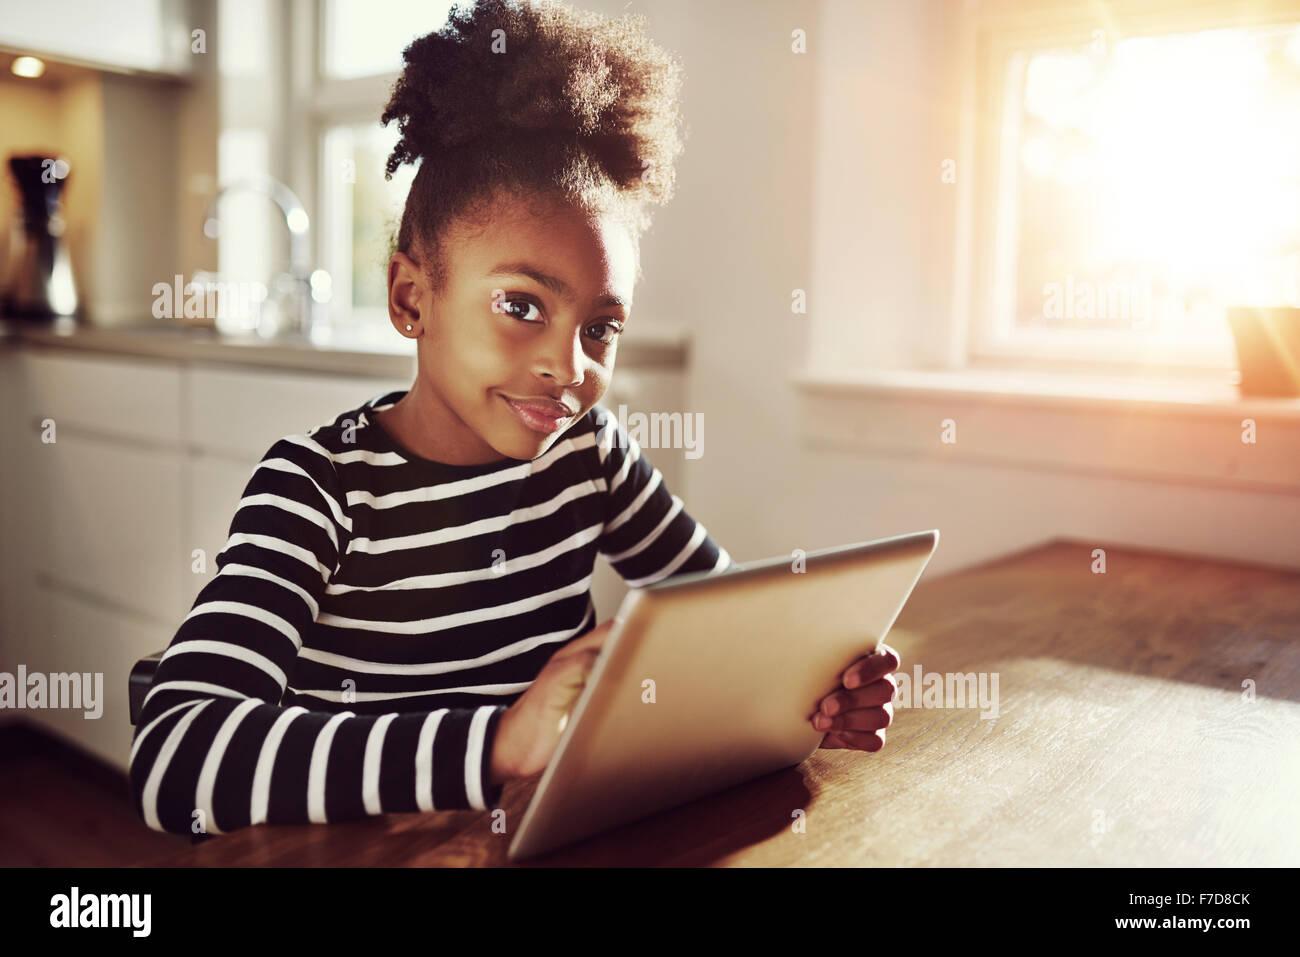 Nachdenkliche junge schwarze Mädchen sitzen gerade die Kamera mit einem nachdenklichen Ausdruck, wie sie im Stockbild